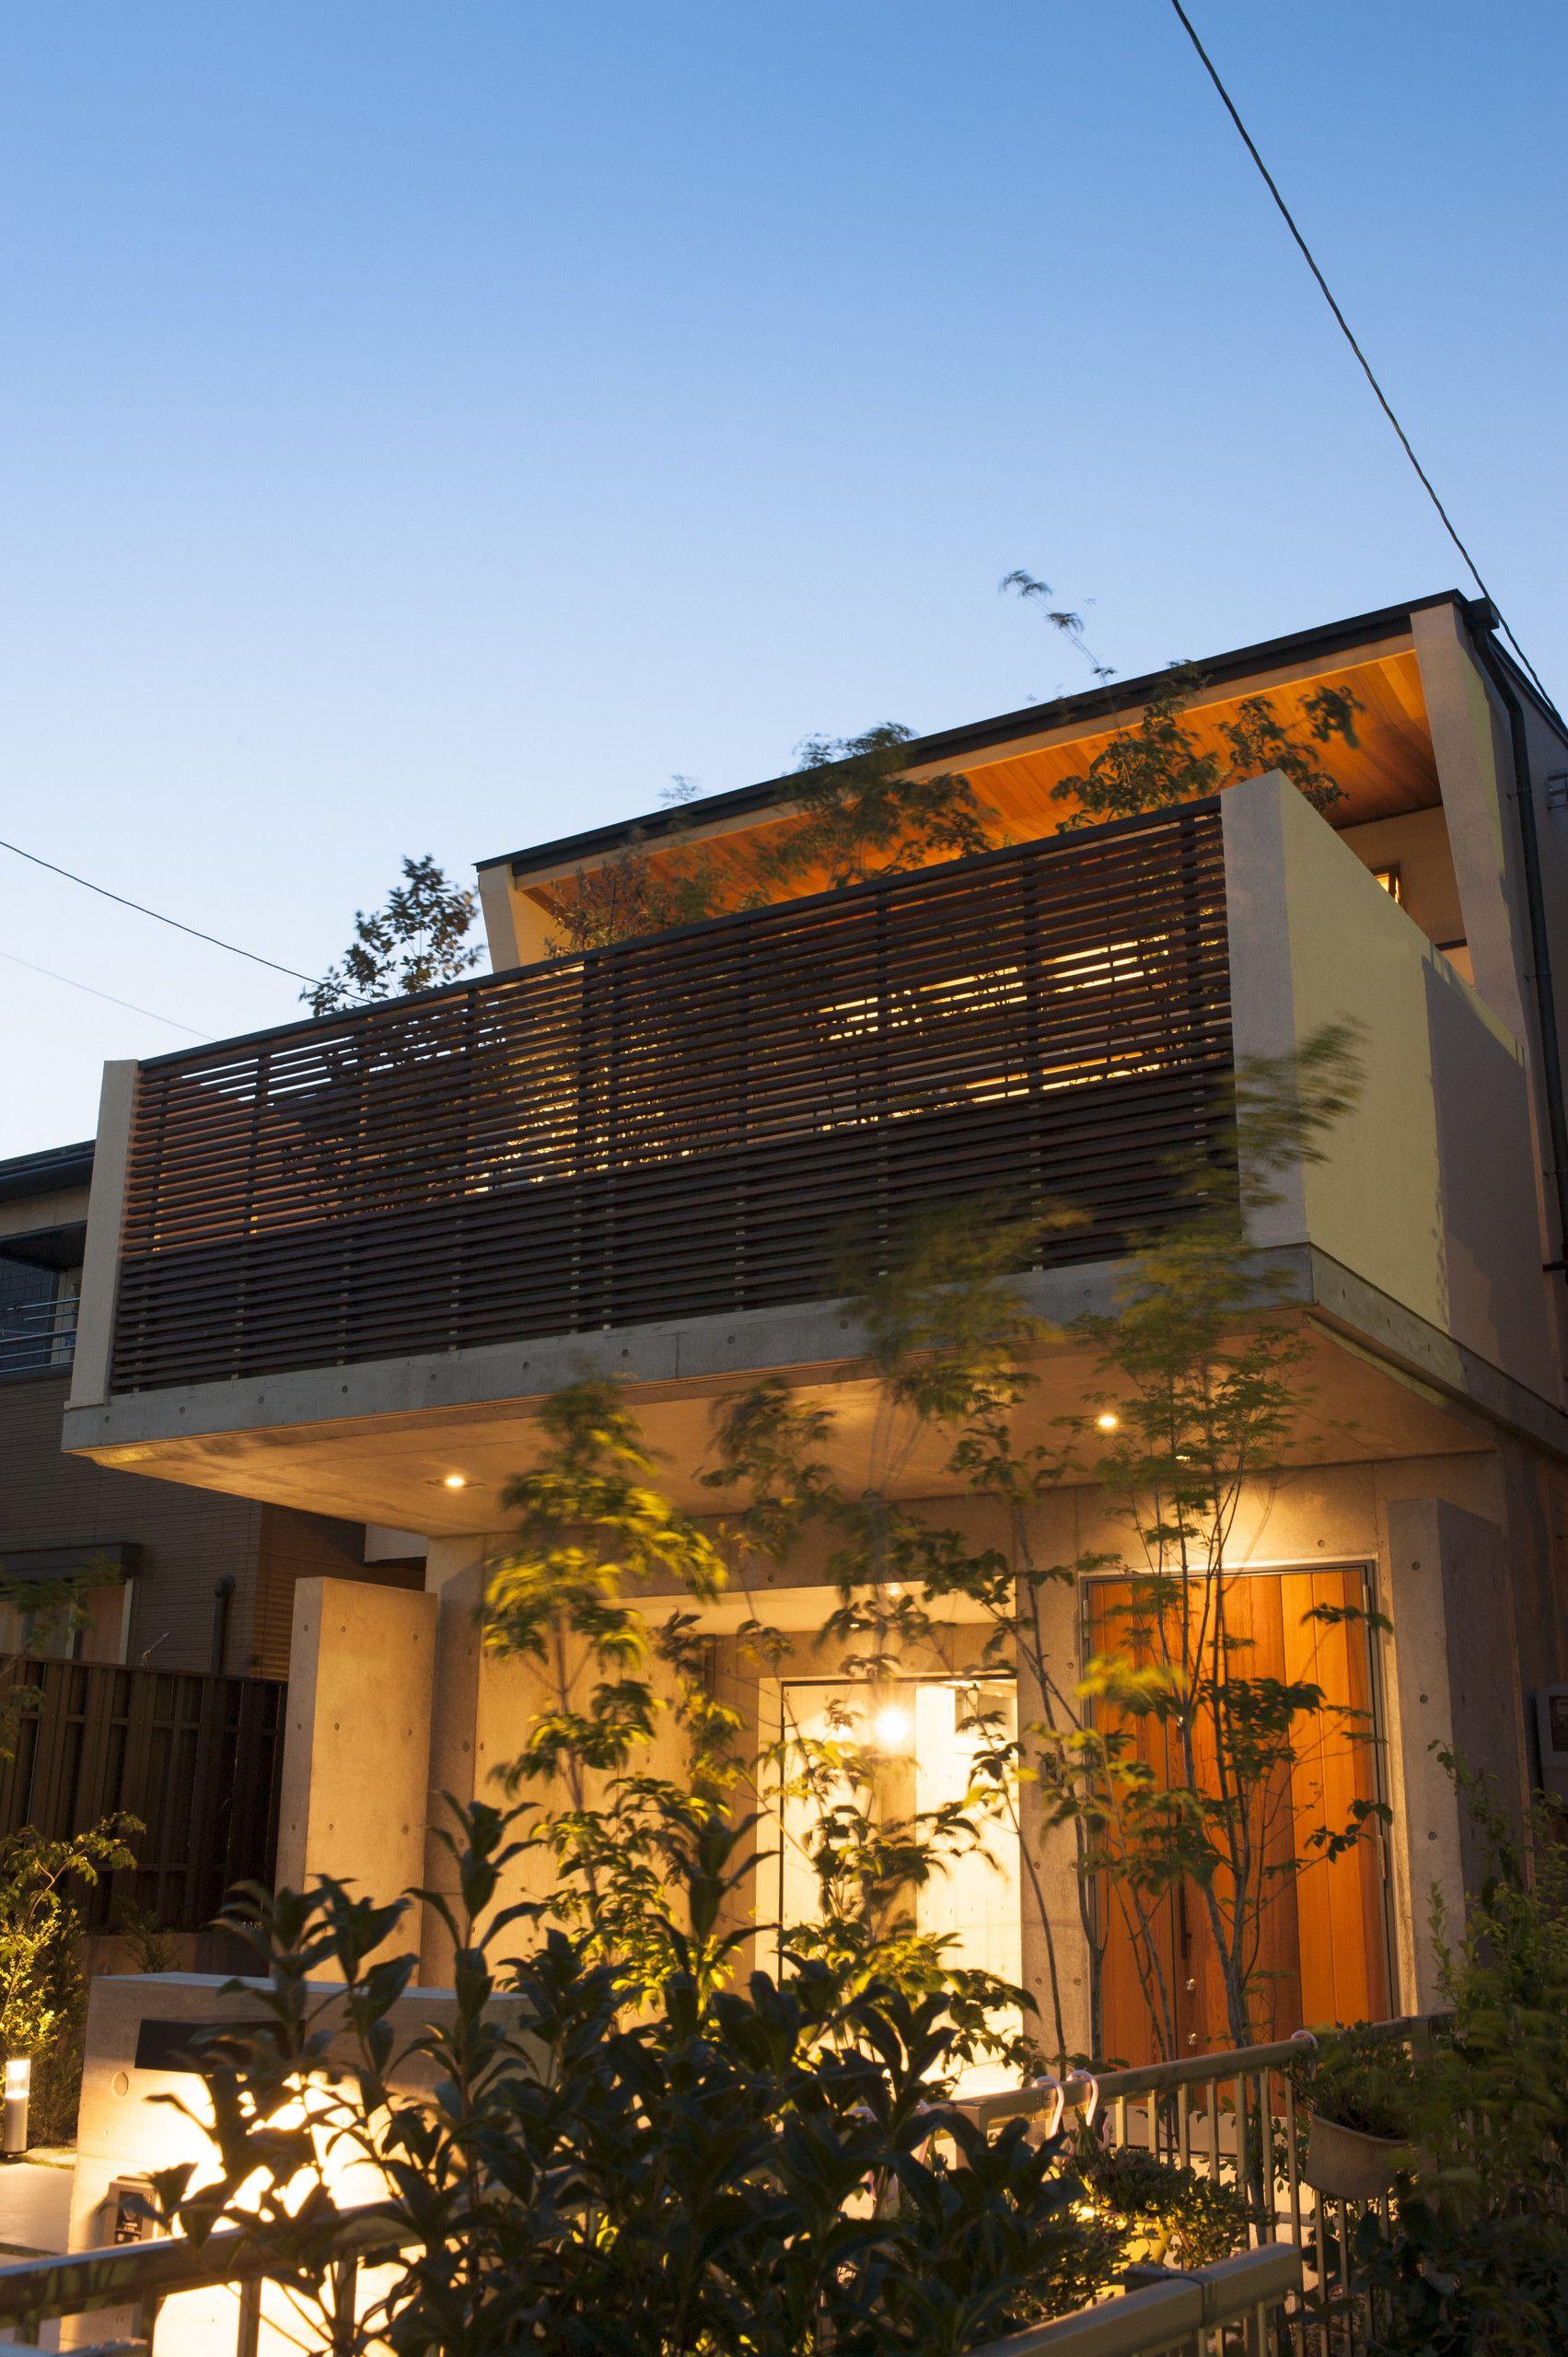 ガーデンテラスのある家 画像あり 小さな家の外観 家の外壁 家 外観